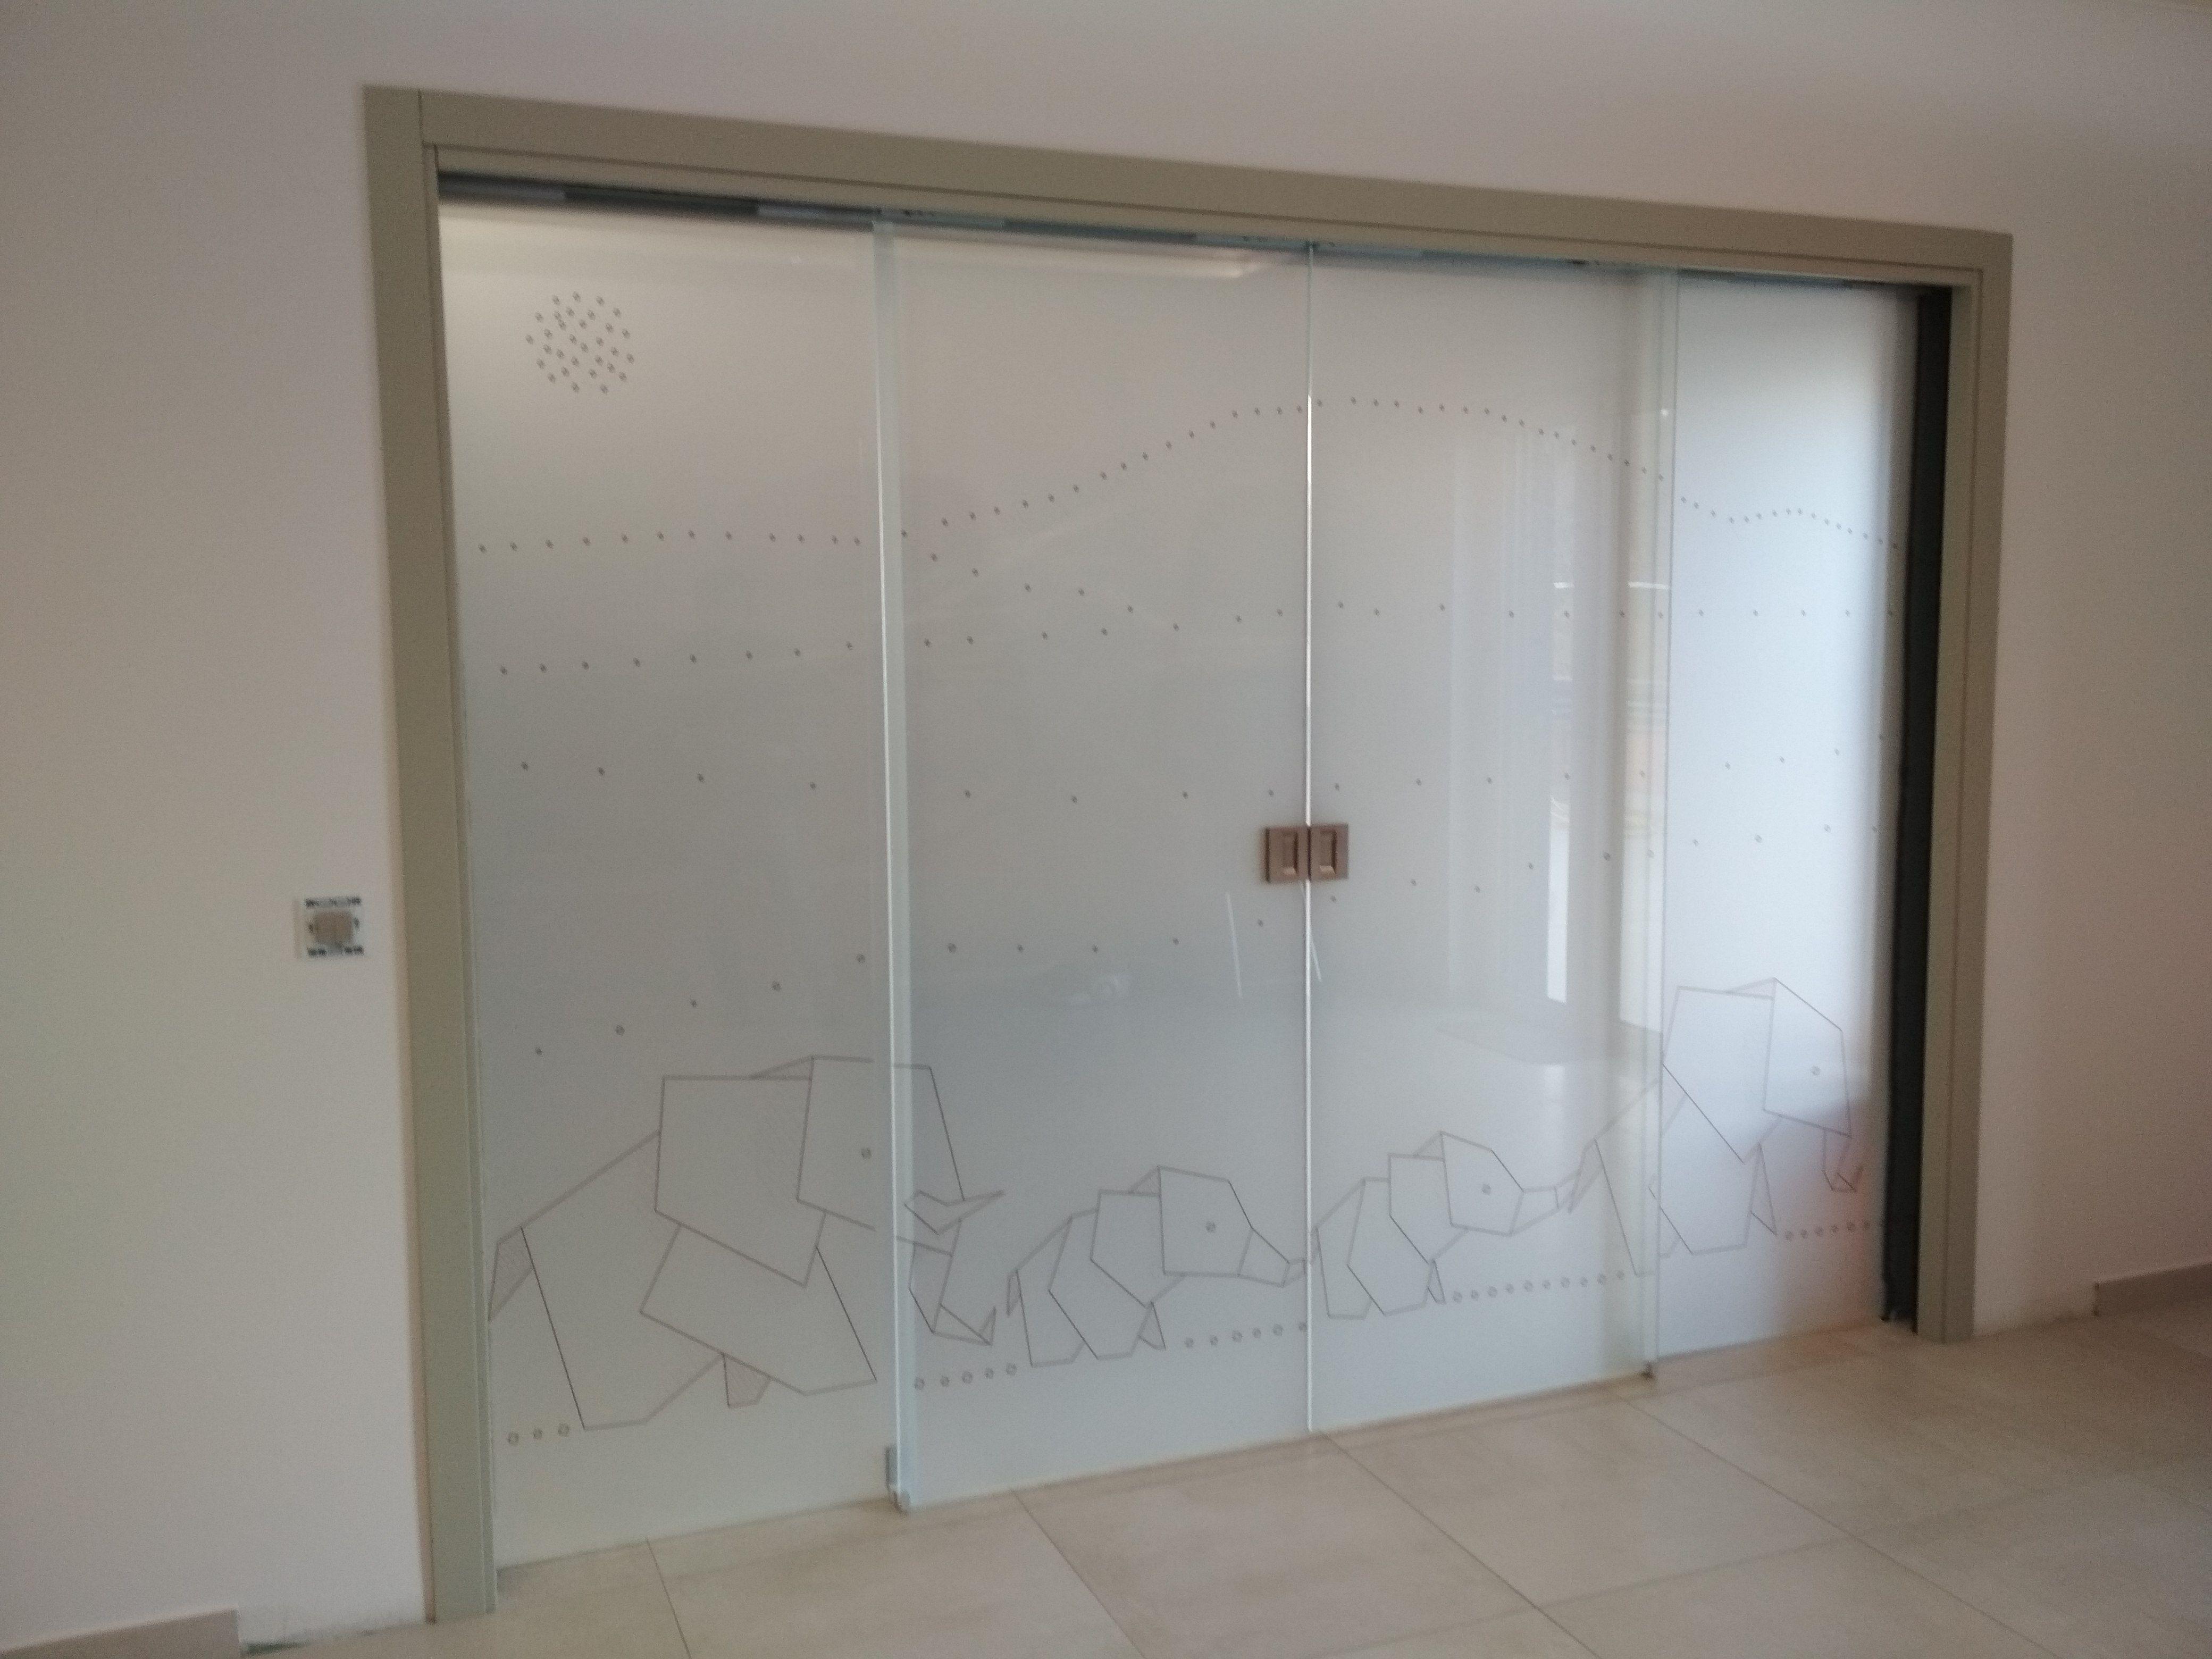 Rolmatic Corner Glass Door - Jersey Street  Architectural -